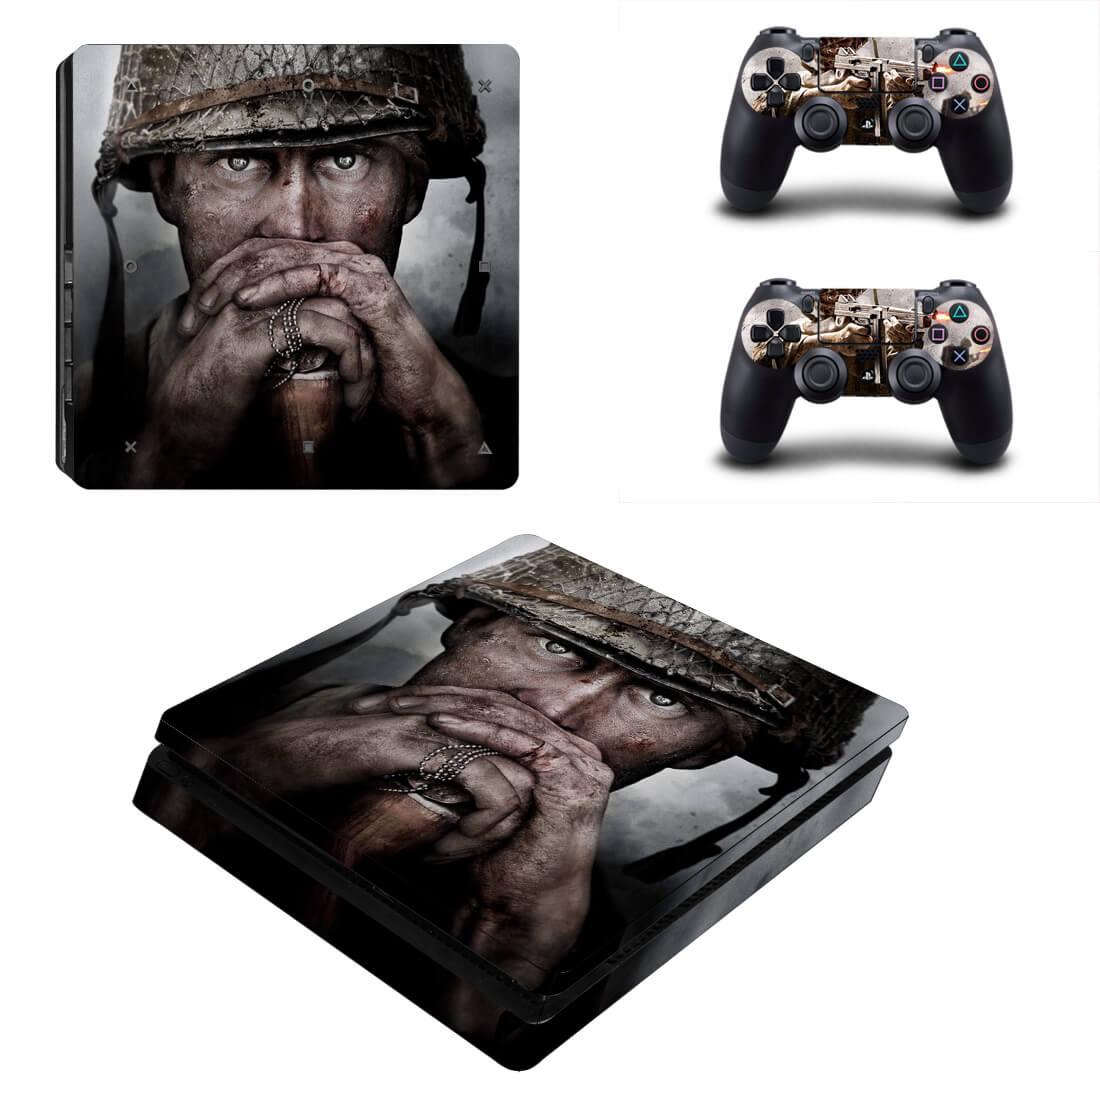 COD WW2 PS4 Slim skin